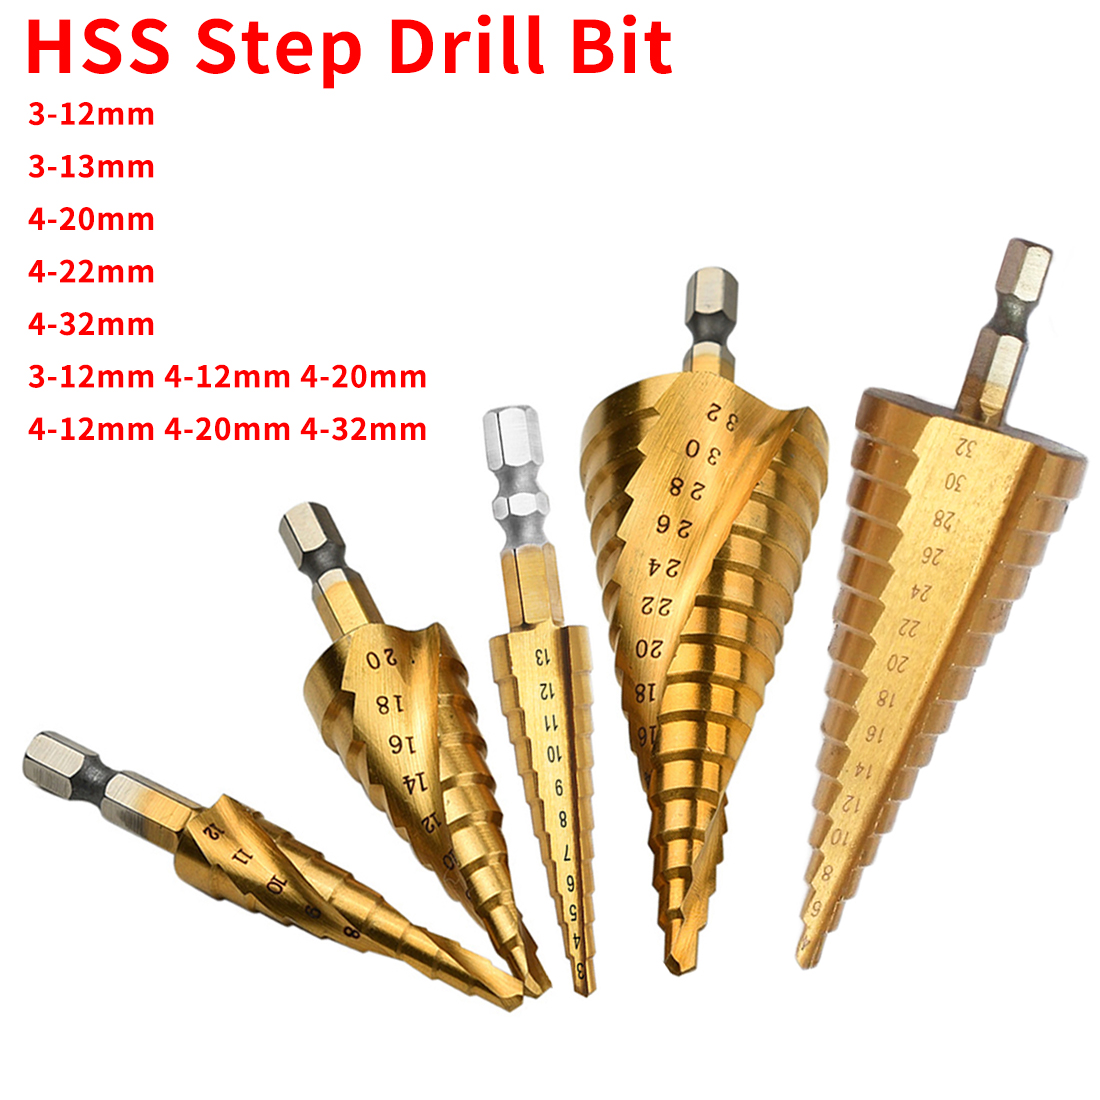 Hex Shank Step Drill Bit 3-13/3-12/4-20/4-32mm HSS Titanium Steel Woodworking Metal Drilling Set Step Cone Cutting Tools